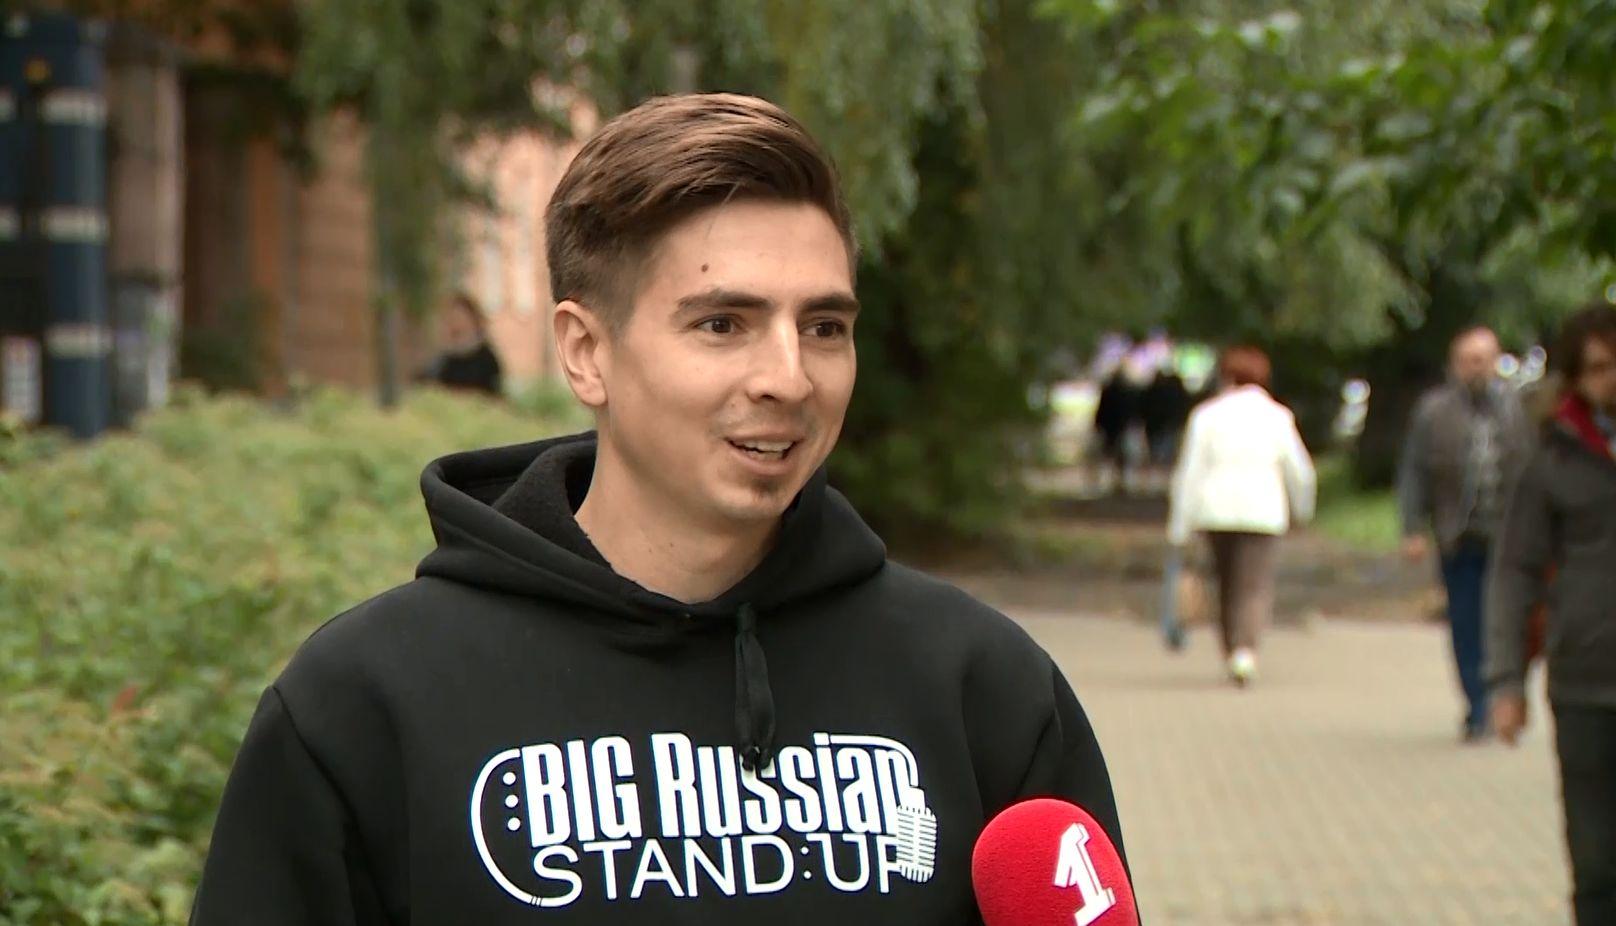 Ярославль готовится ко второму в истории стэндап-фестивалю